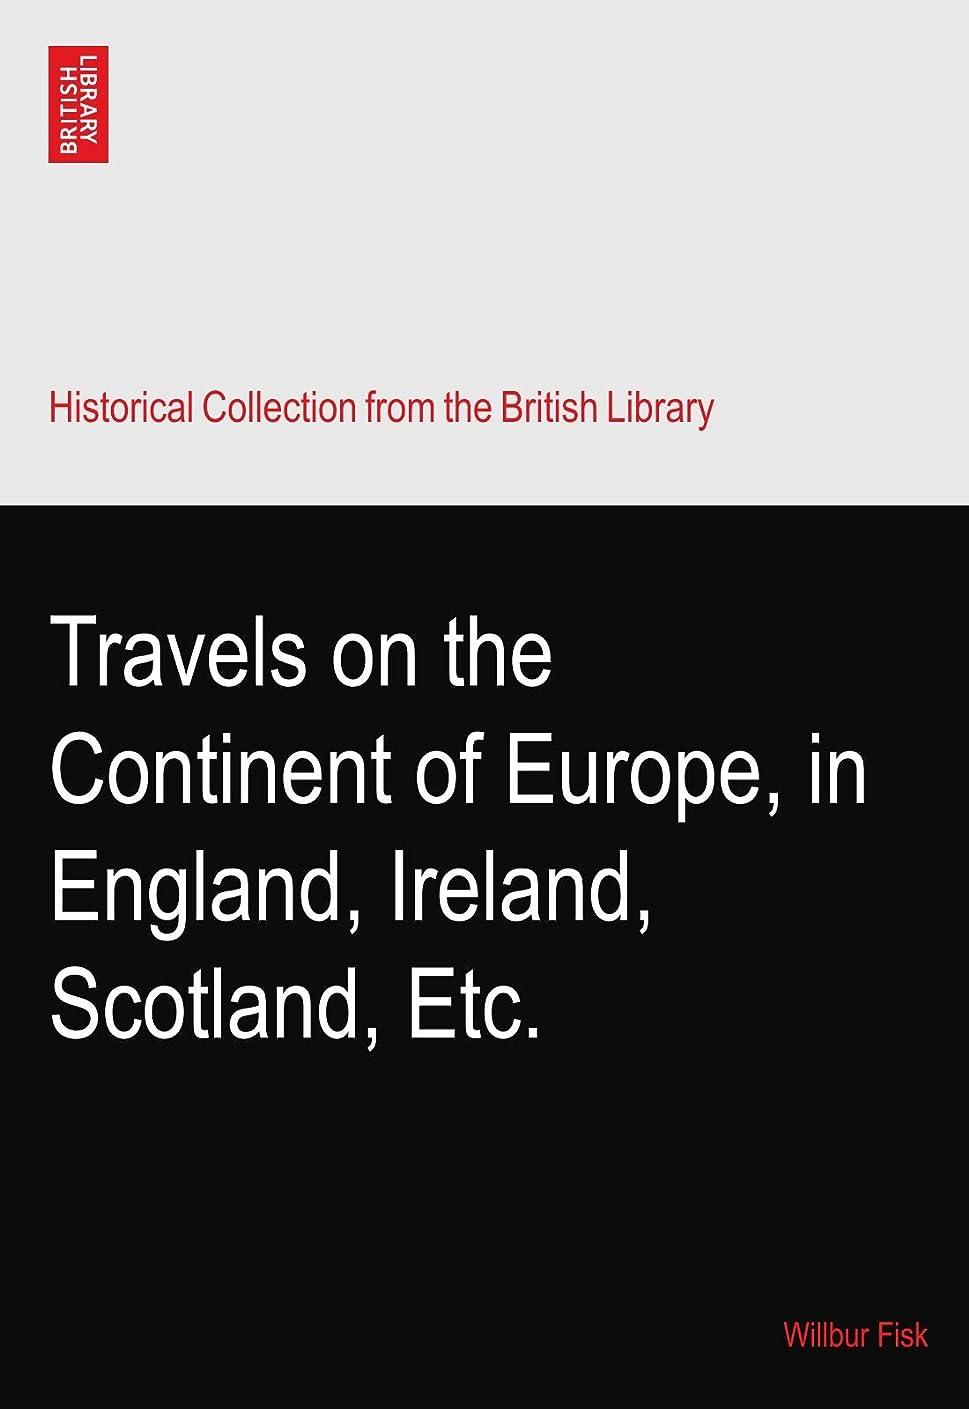 十分にペニー会うTravels on the Continent of Europe, in England, Ireland, Scotland, Etc.